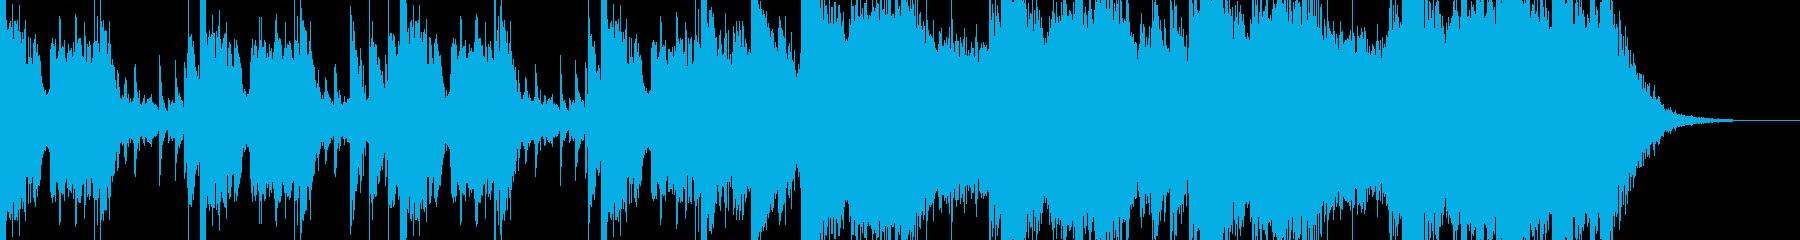 壮大なシネマティックなジングルの再生済みの波形